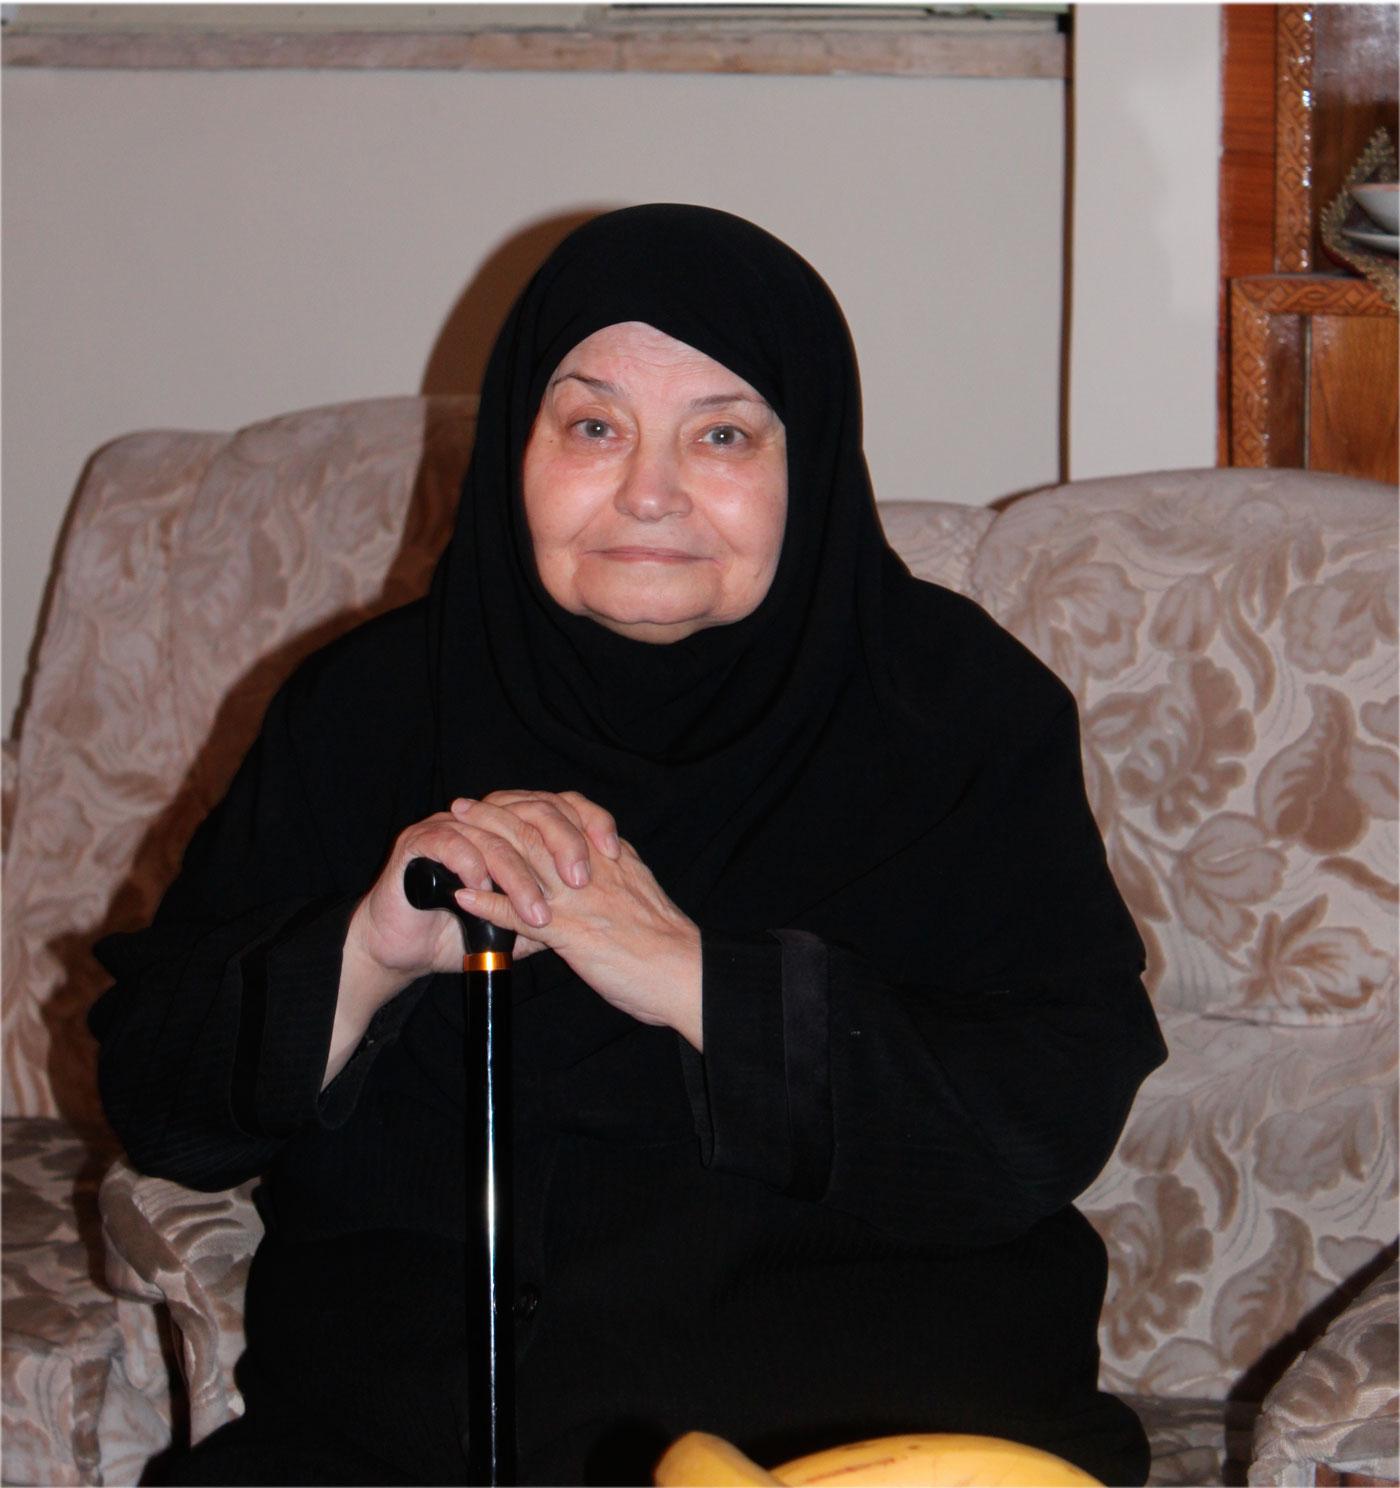 خير فرهنگ دوست سركار خانم فخر السادات توسل